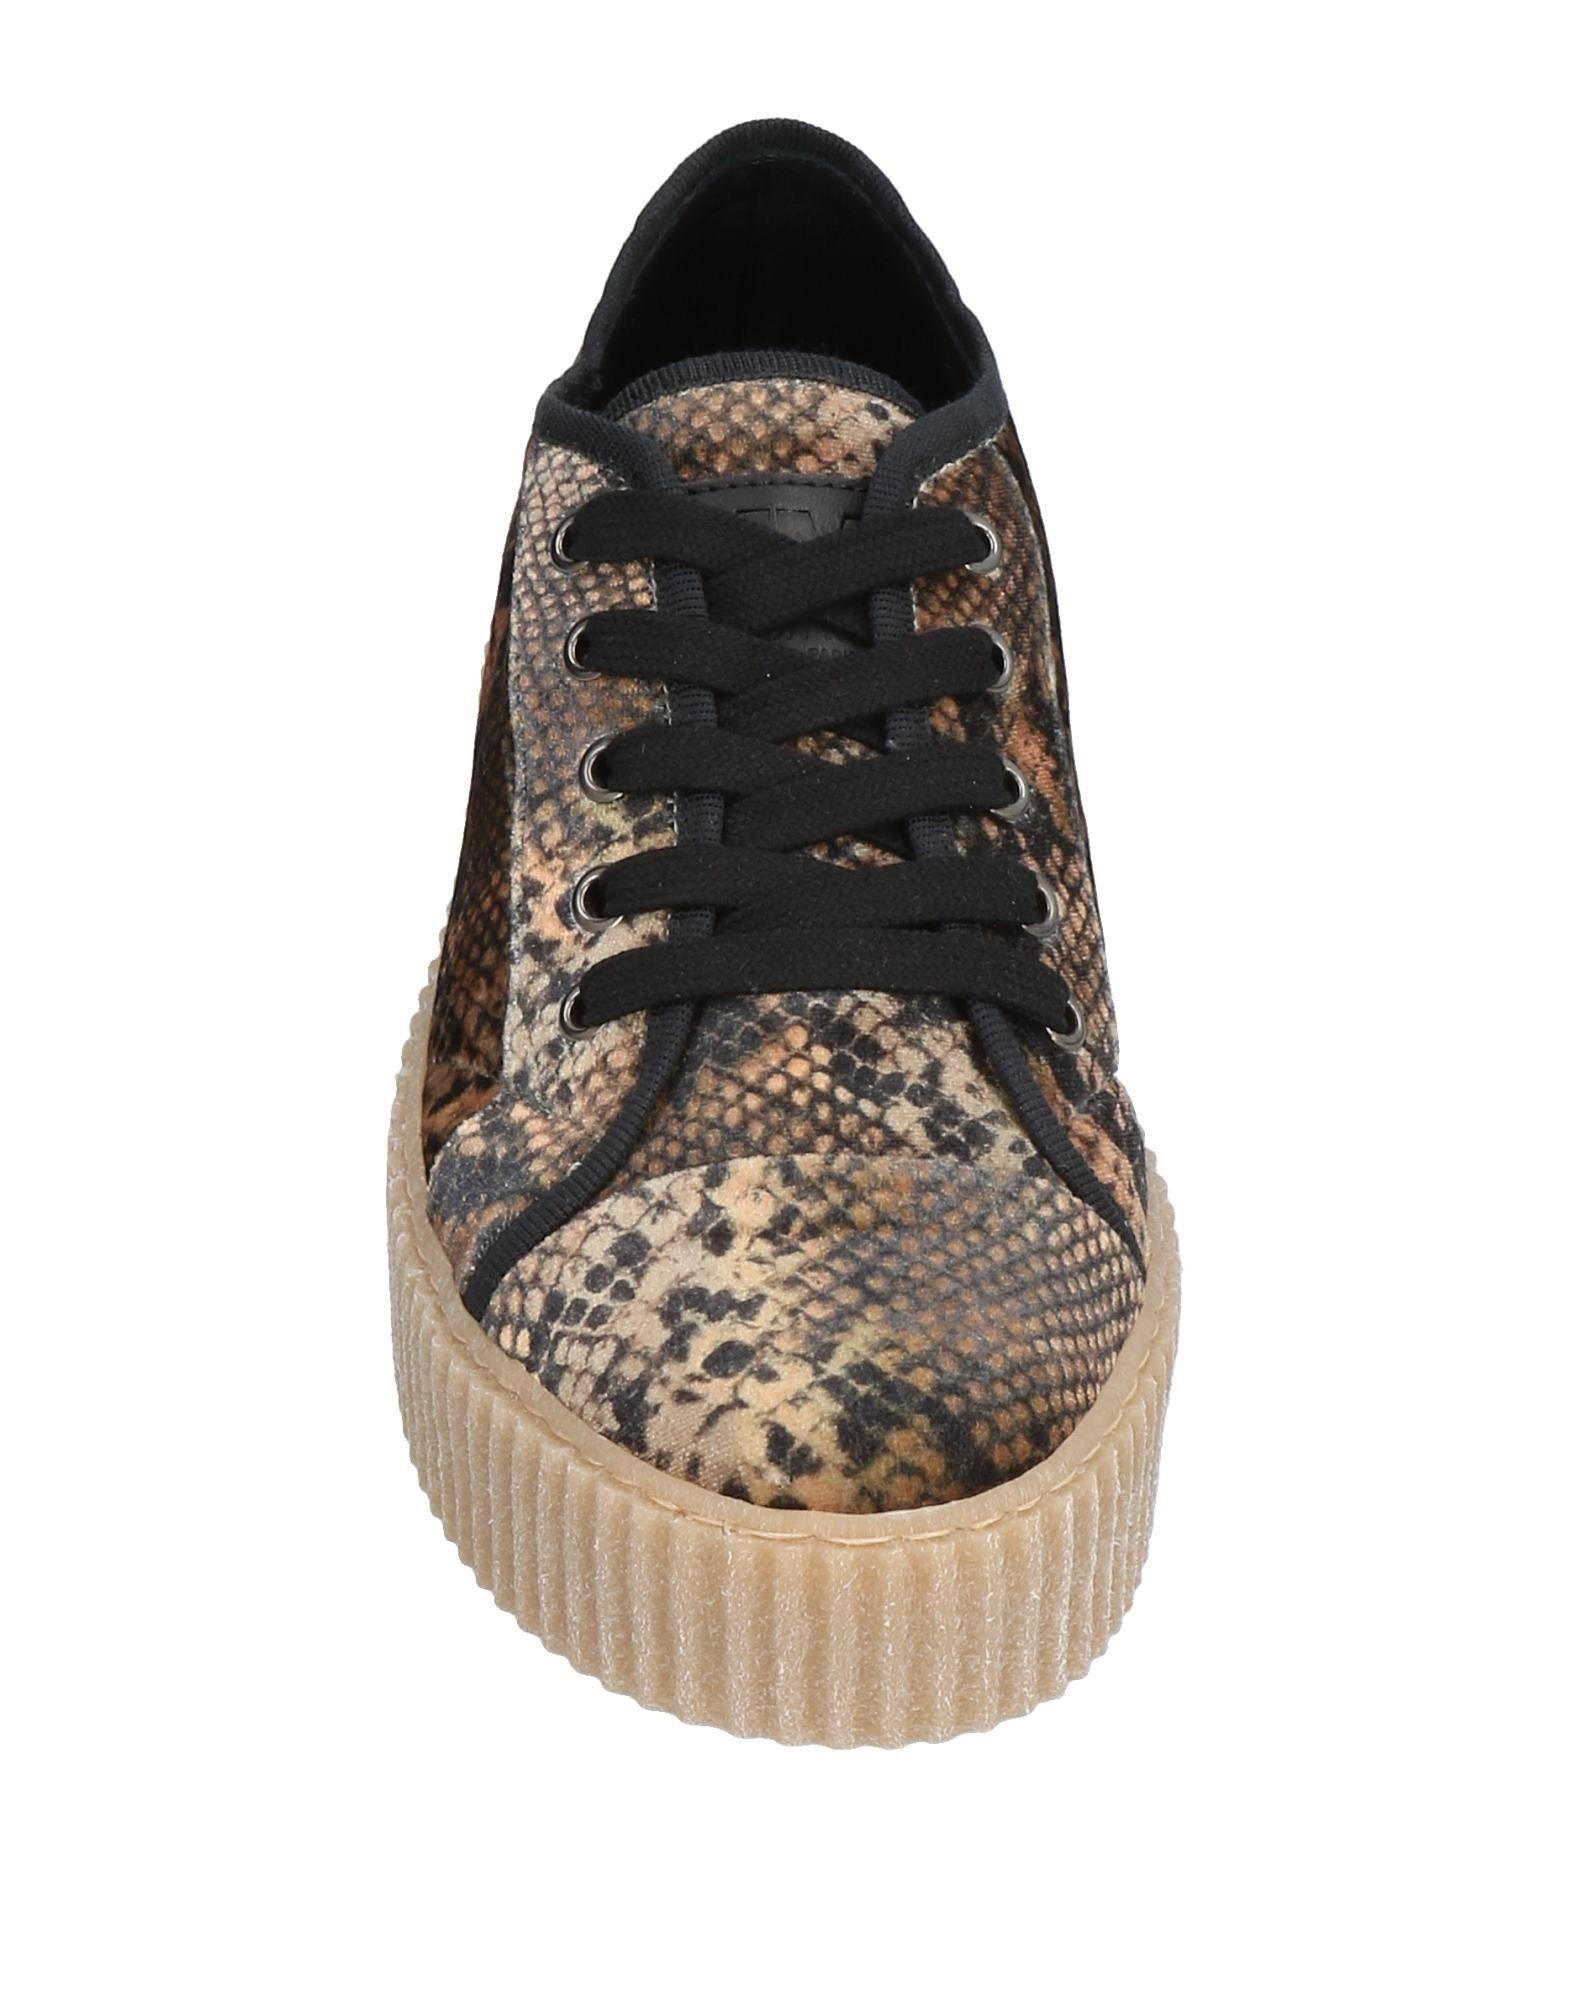 Mm6 Maison Margiela Margiela Margiela Sneakers Damen  11475956DK Neue Schuhe 4b4fc7